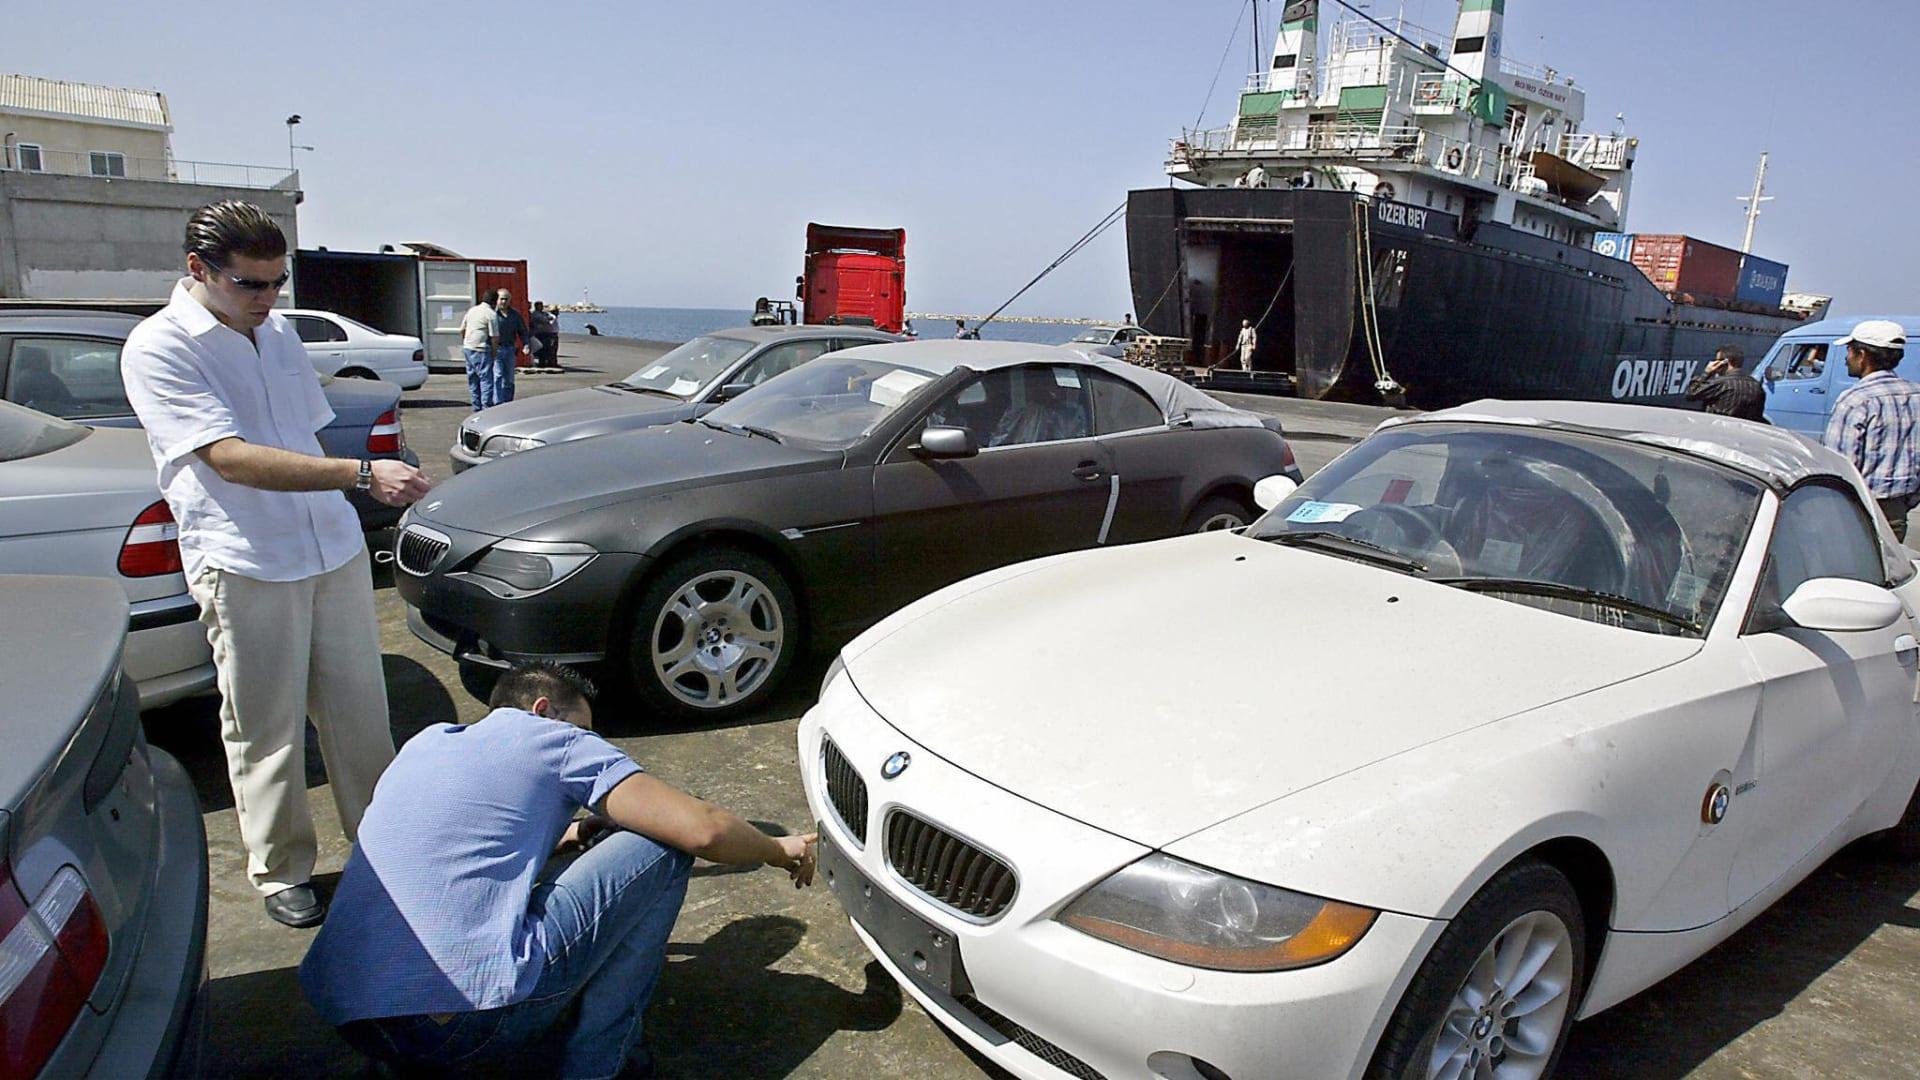 سوق السيارات التركي يعاني من الضعف.. والمصري يرتفع